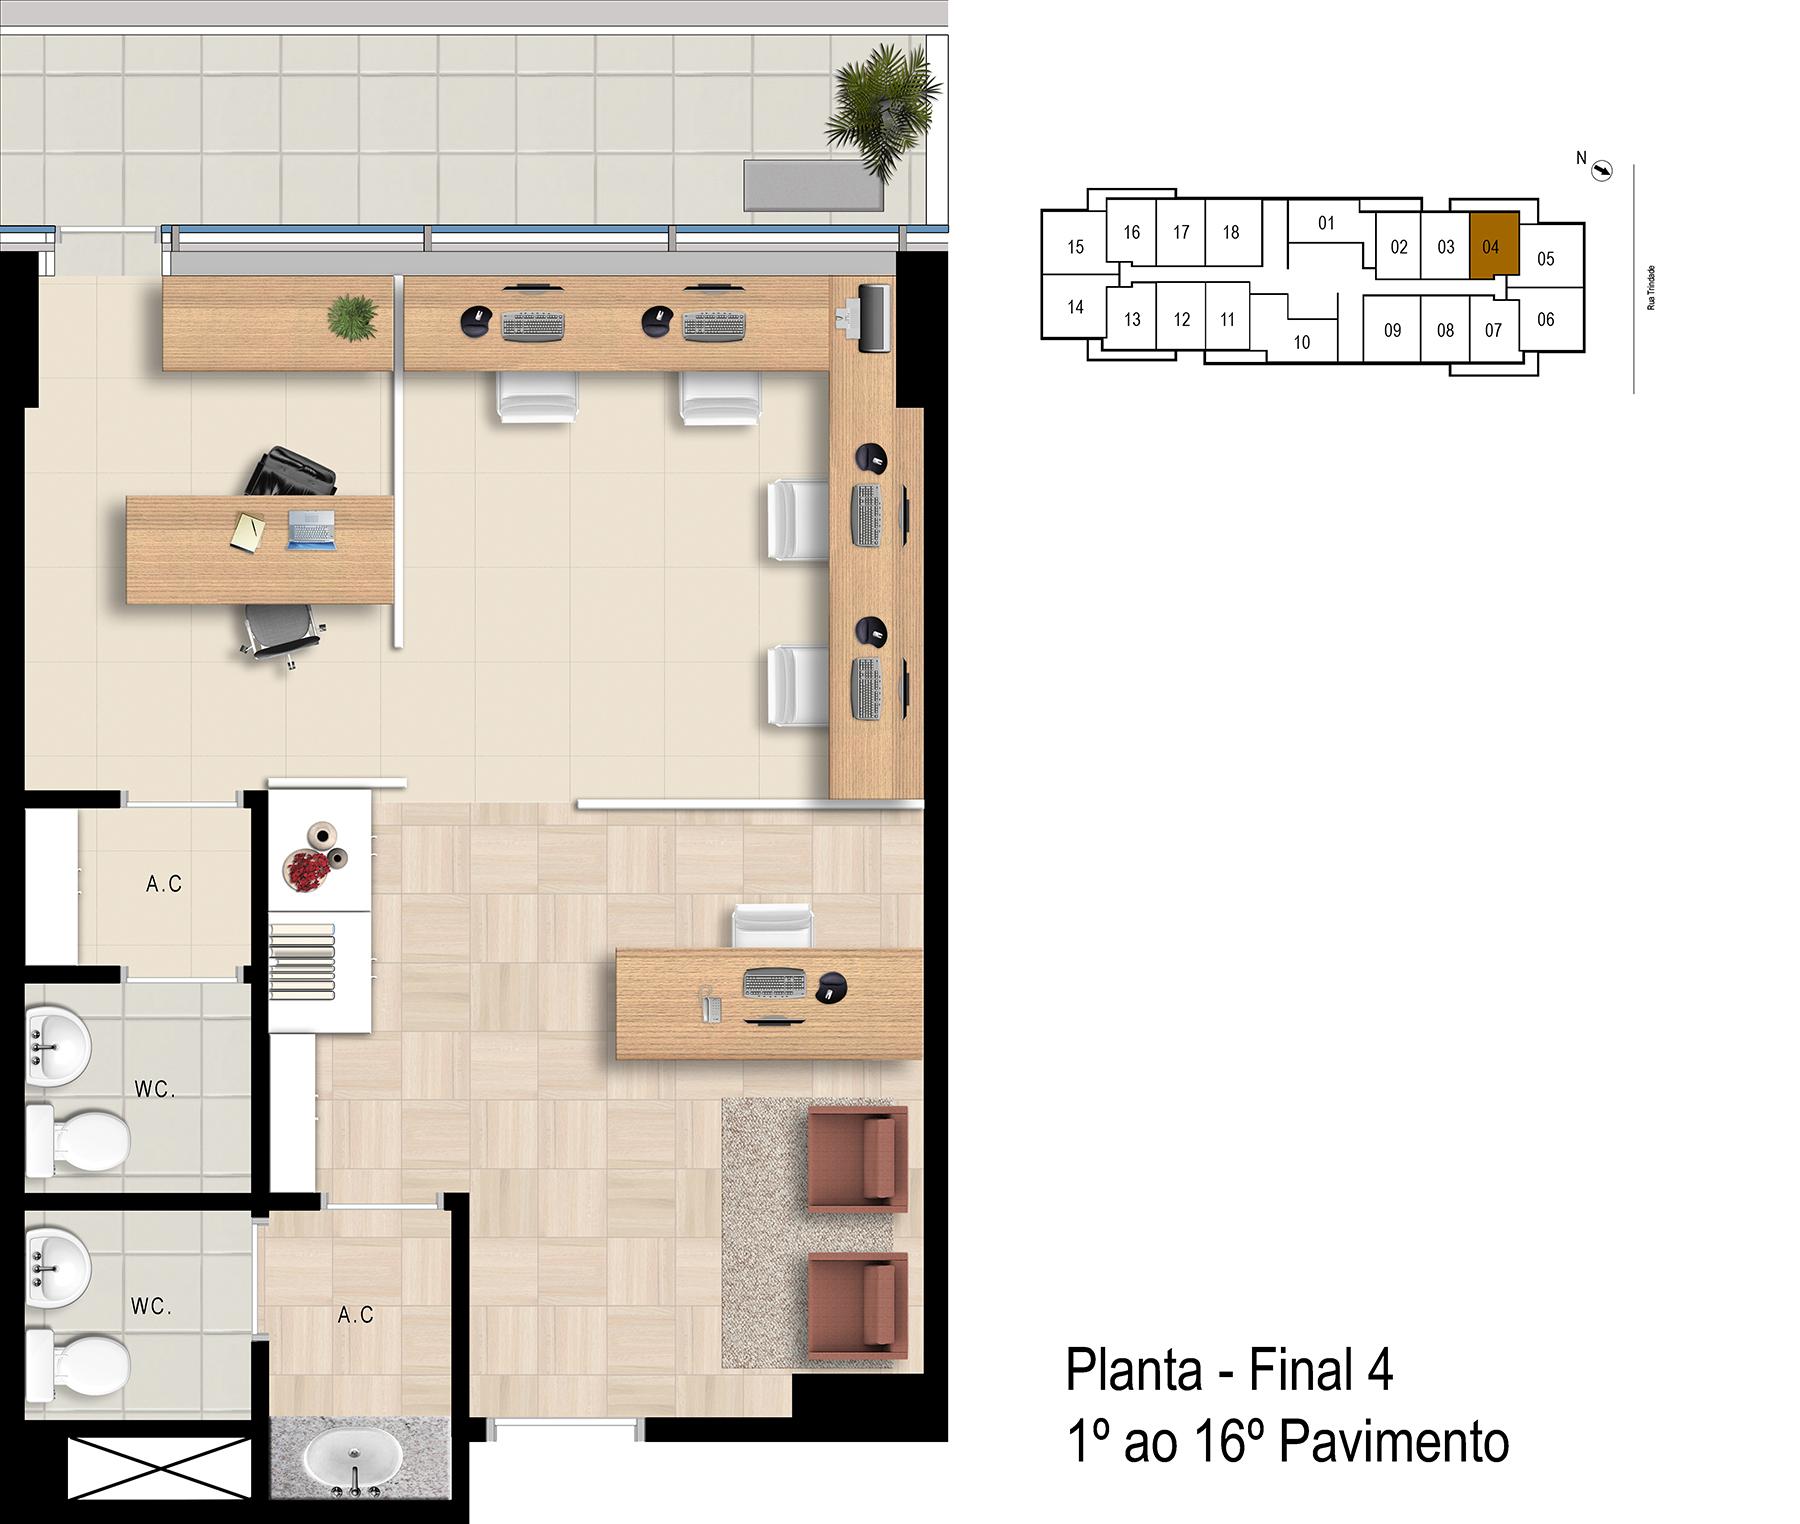 Final 4 - 1° ao 16° Pavimento Office Bethaville